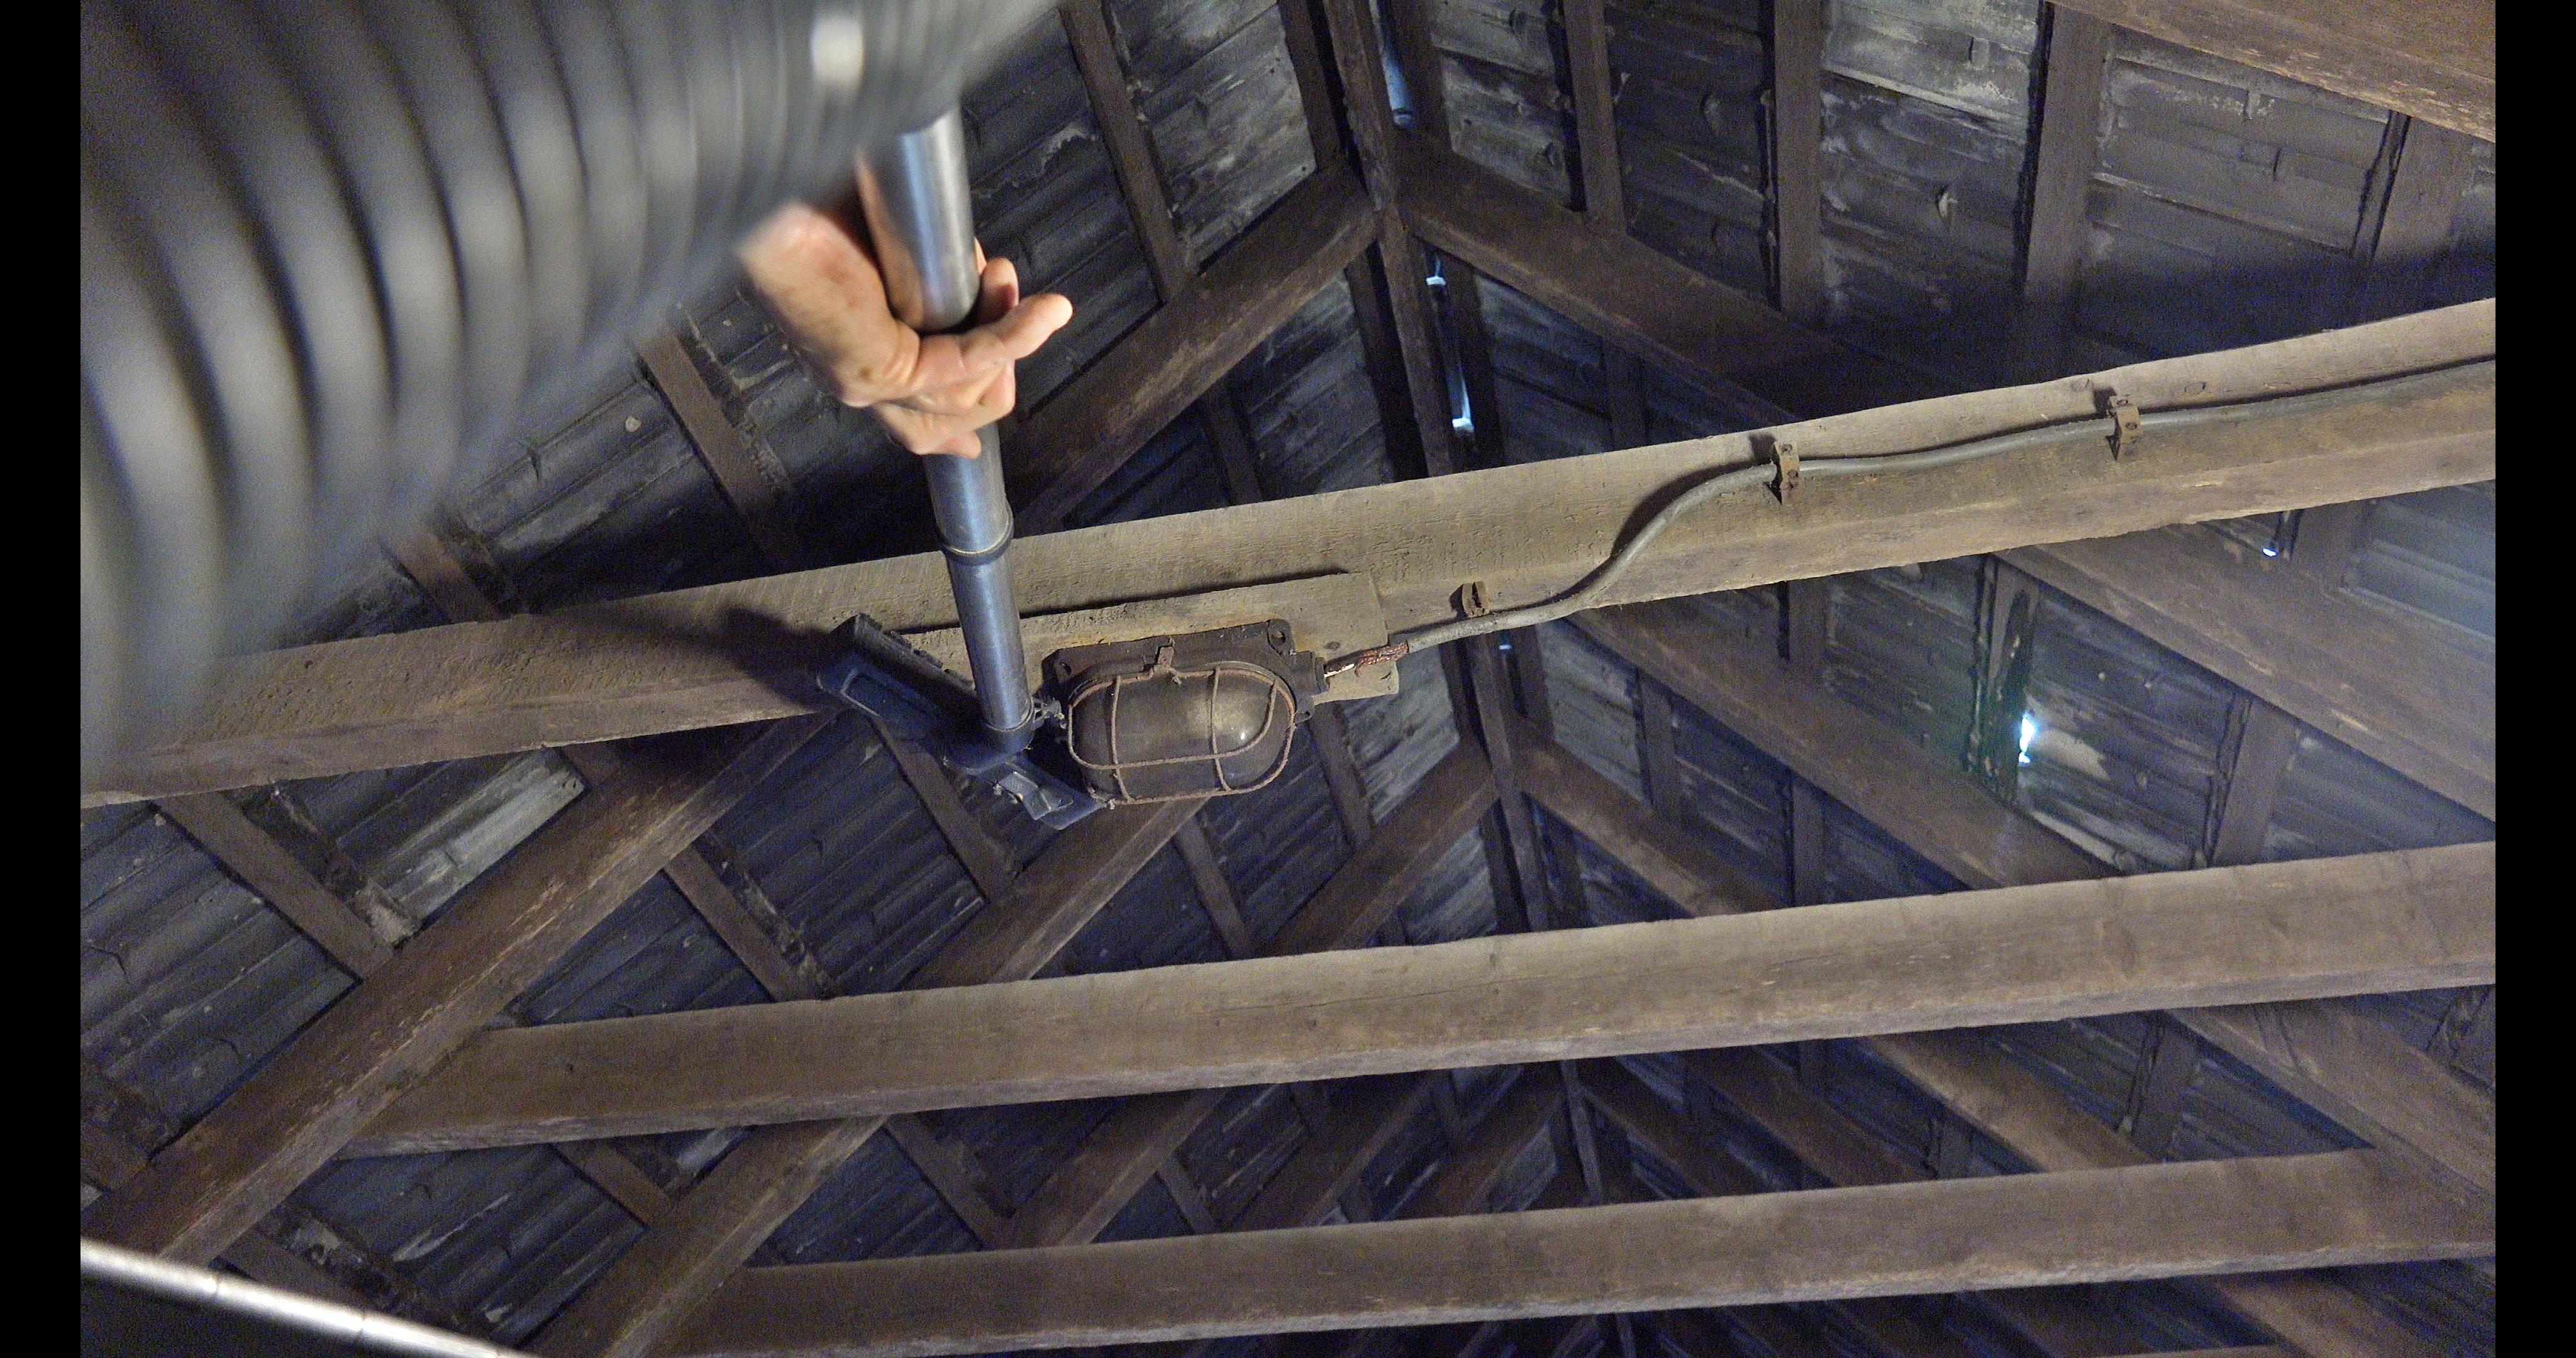 Han zuigt de hanenbalken schoon vanuit een hoogwerker.